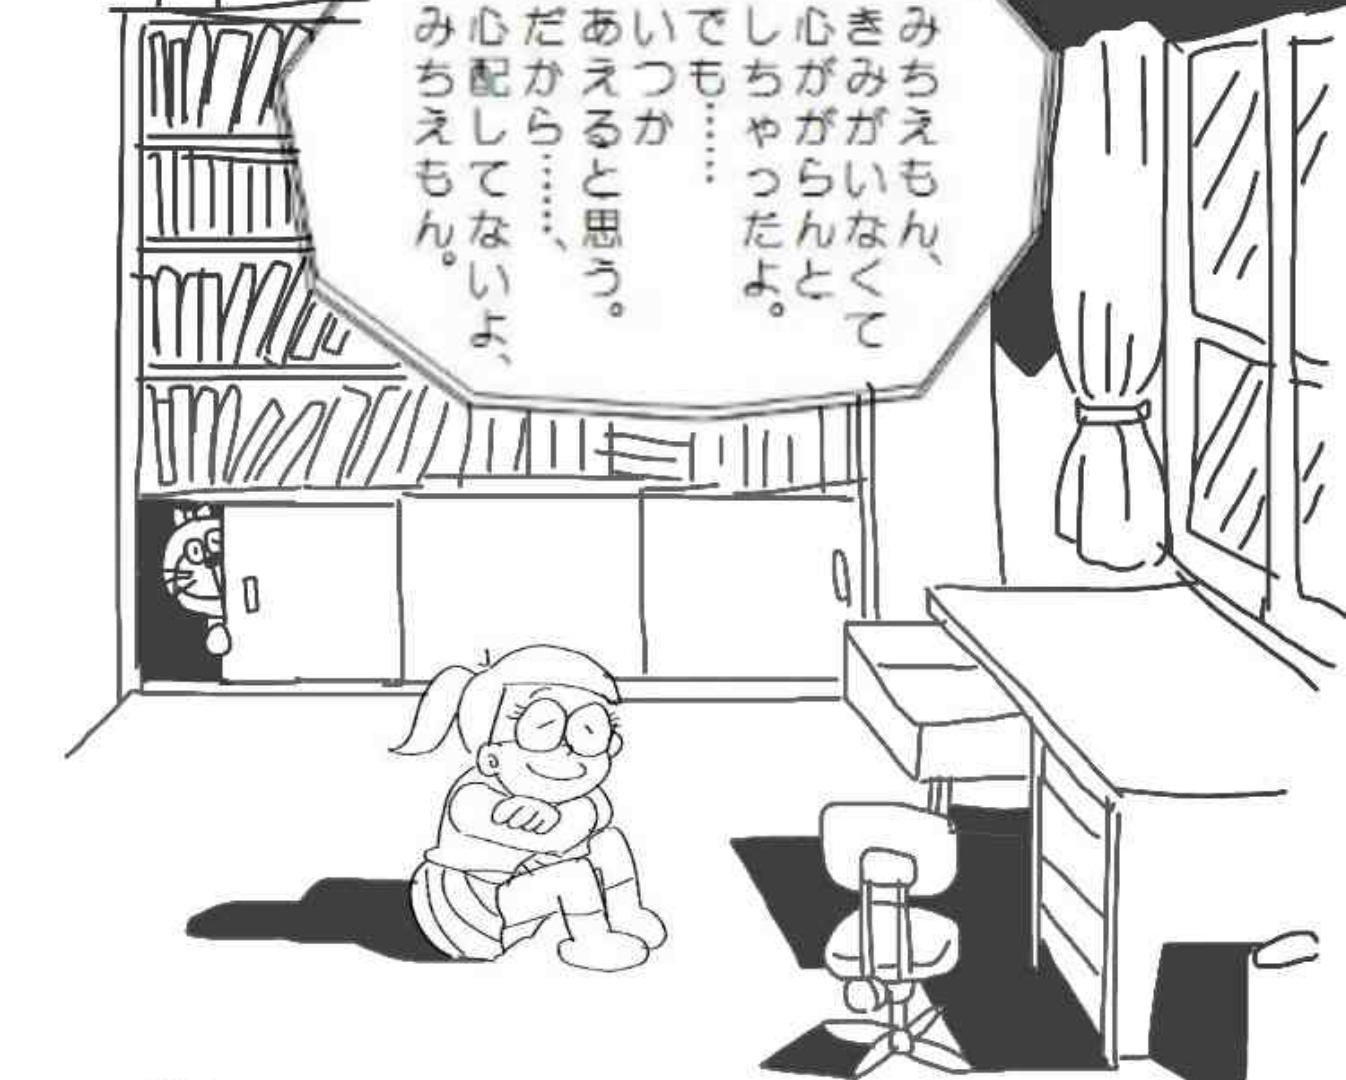 【水田わさび世代】新しいドラえもんを語ろう!